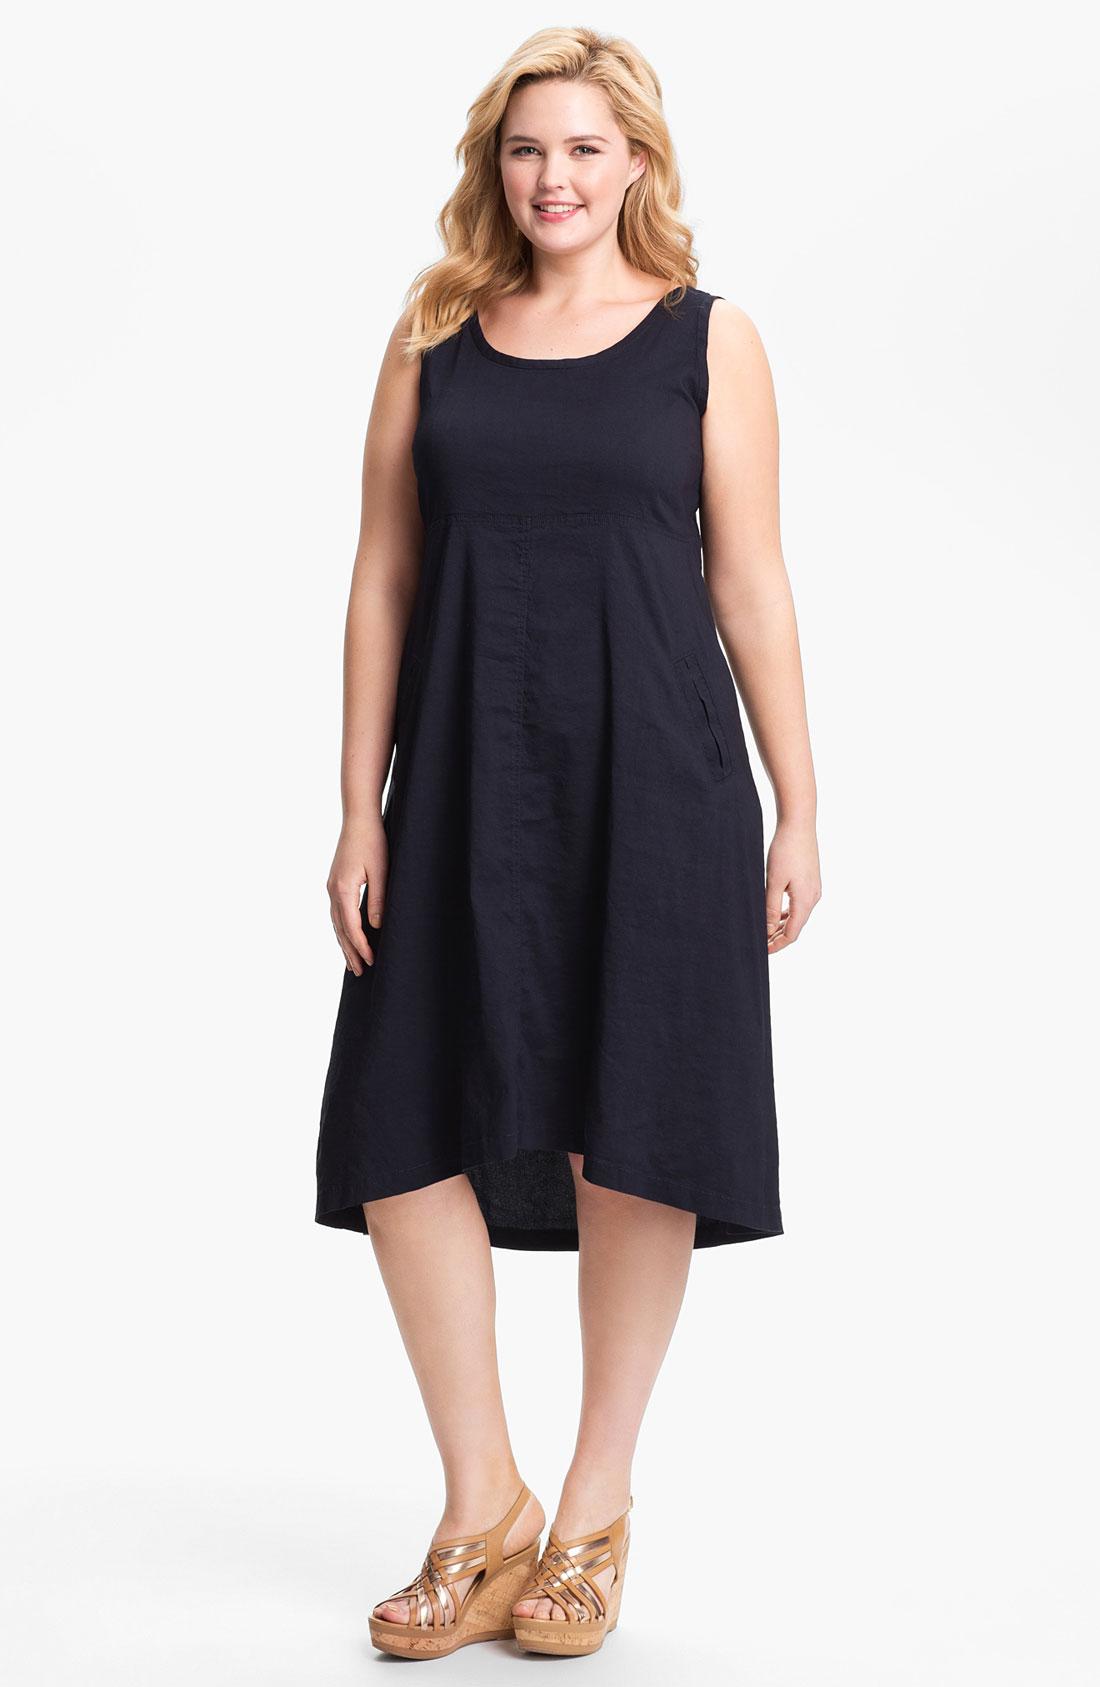 Plus Size Midi Tank Dress Clothes Review Dresses Ask